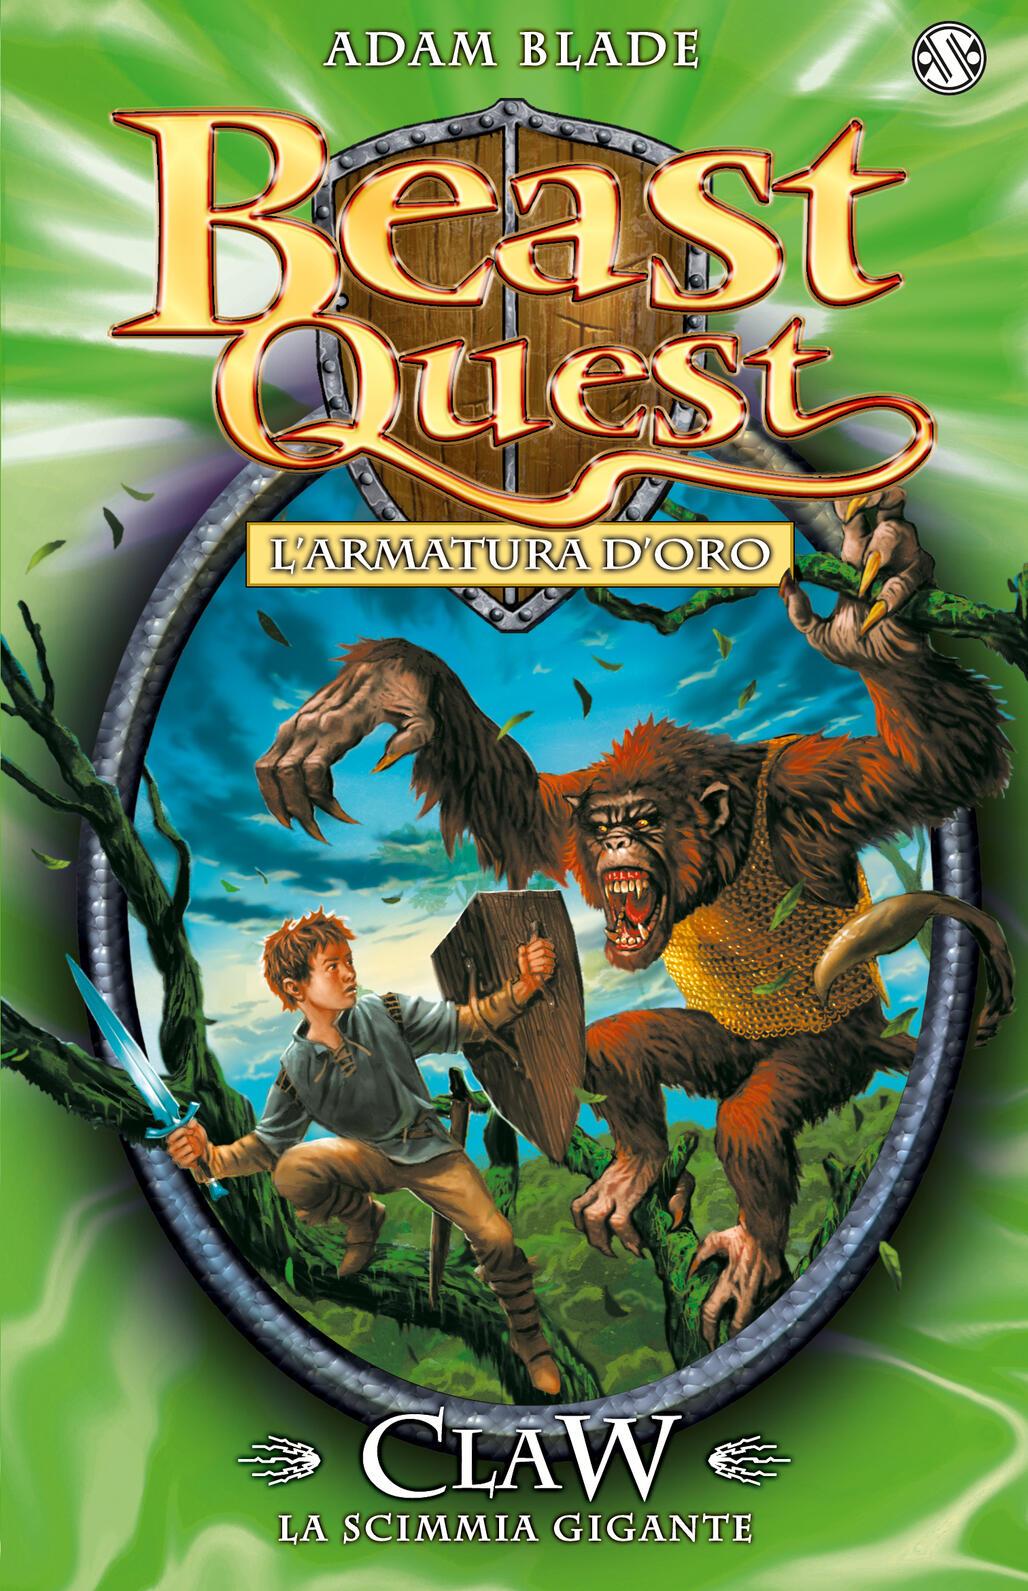 Cook Book Cover Quest : Claw la scimmia gigante l armatura d oro beast quest